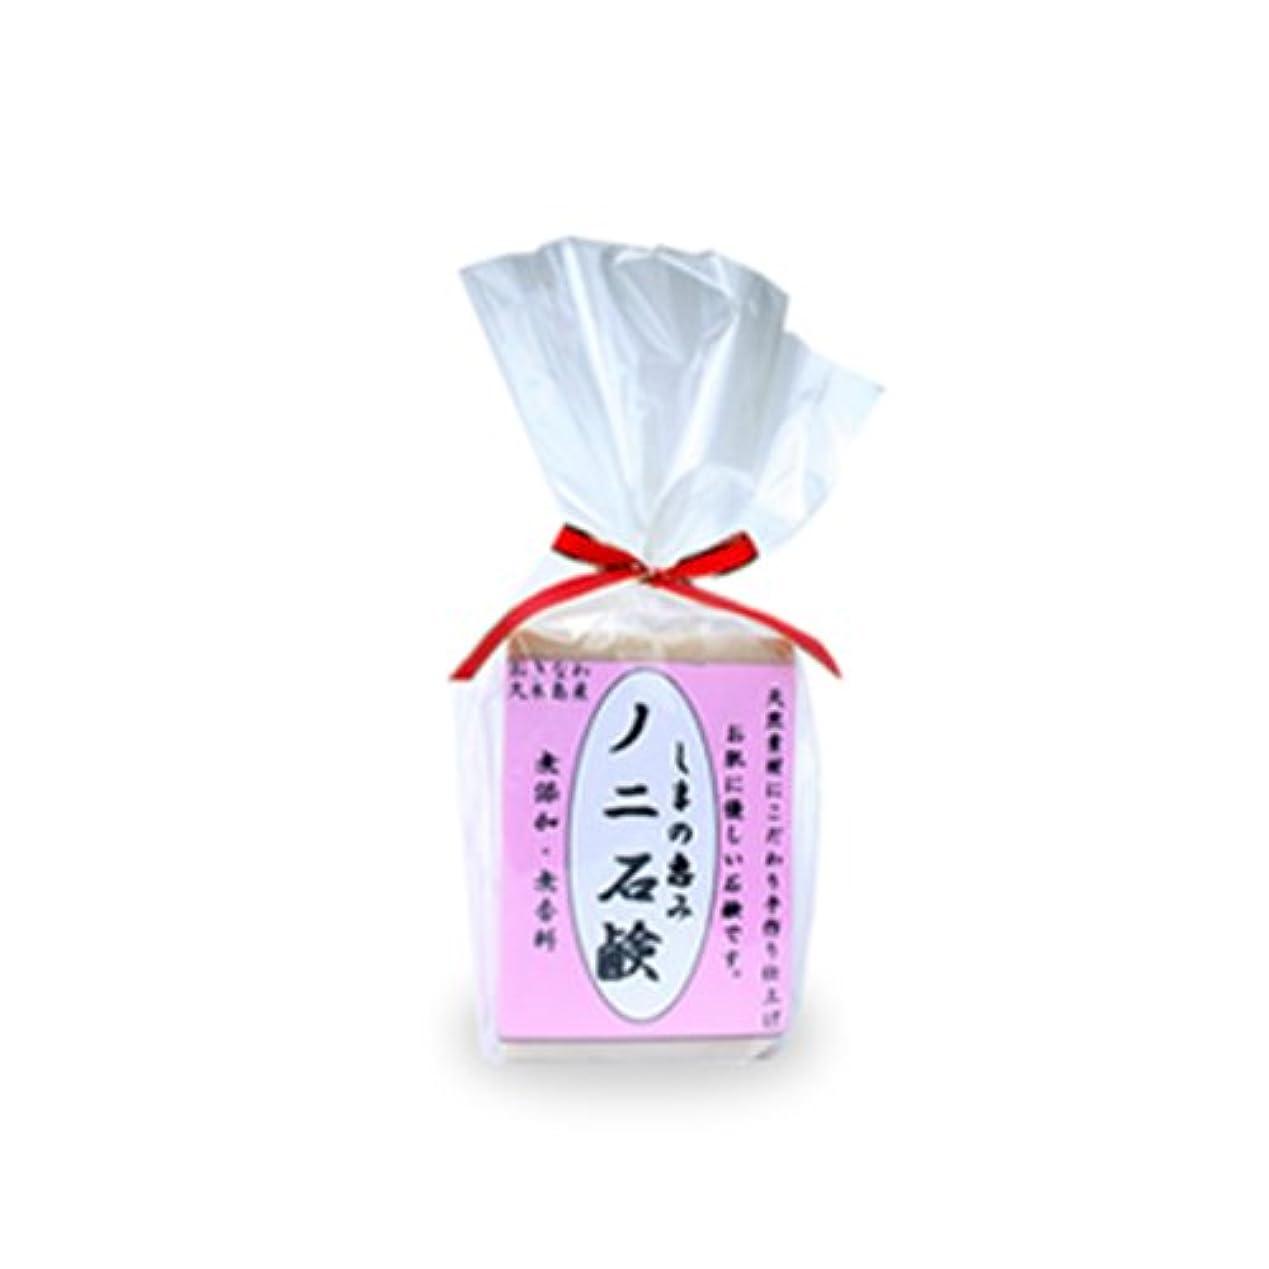 小売計り知れない雄弁なノ二石鹸×5個 久米島物産販売 沖縄の海洋深層水ミネラルとノニを配合した無添加ソープ